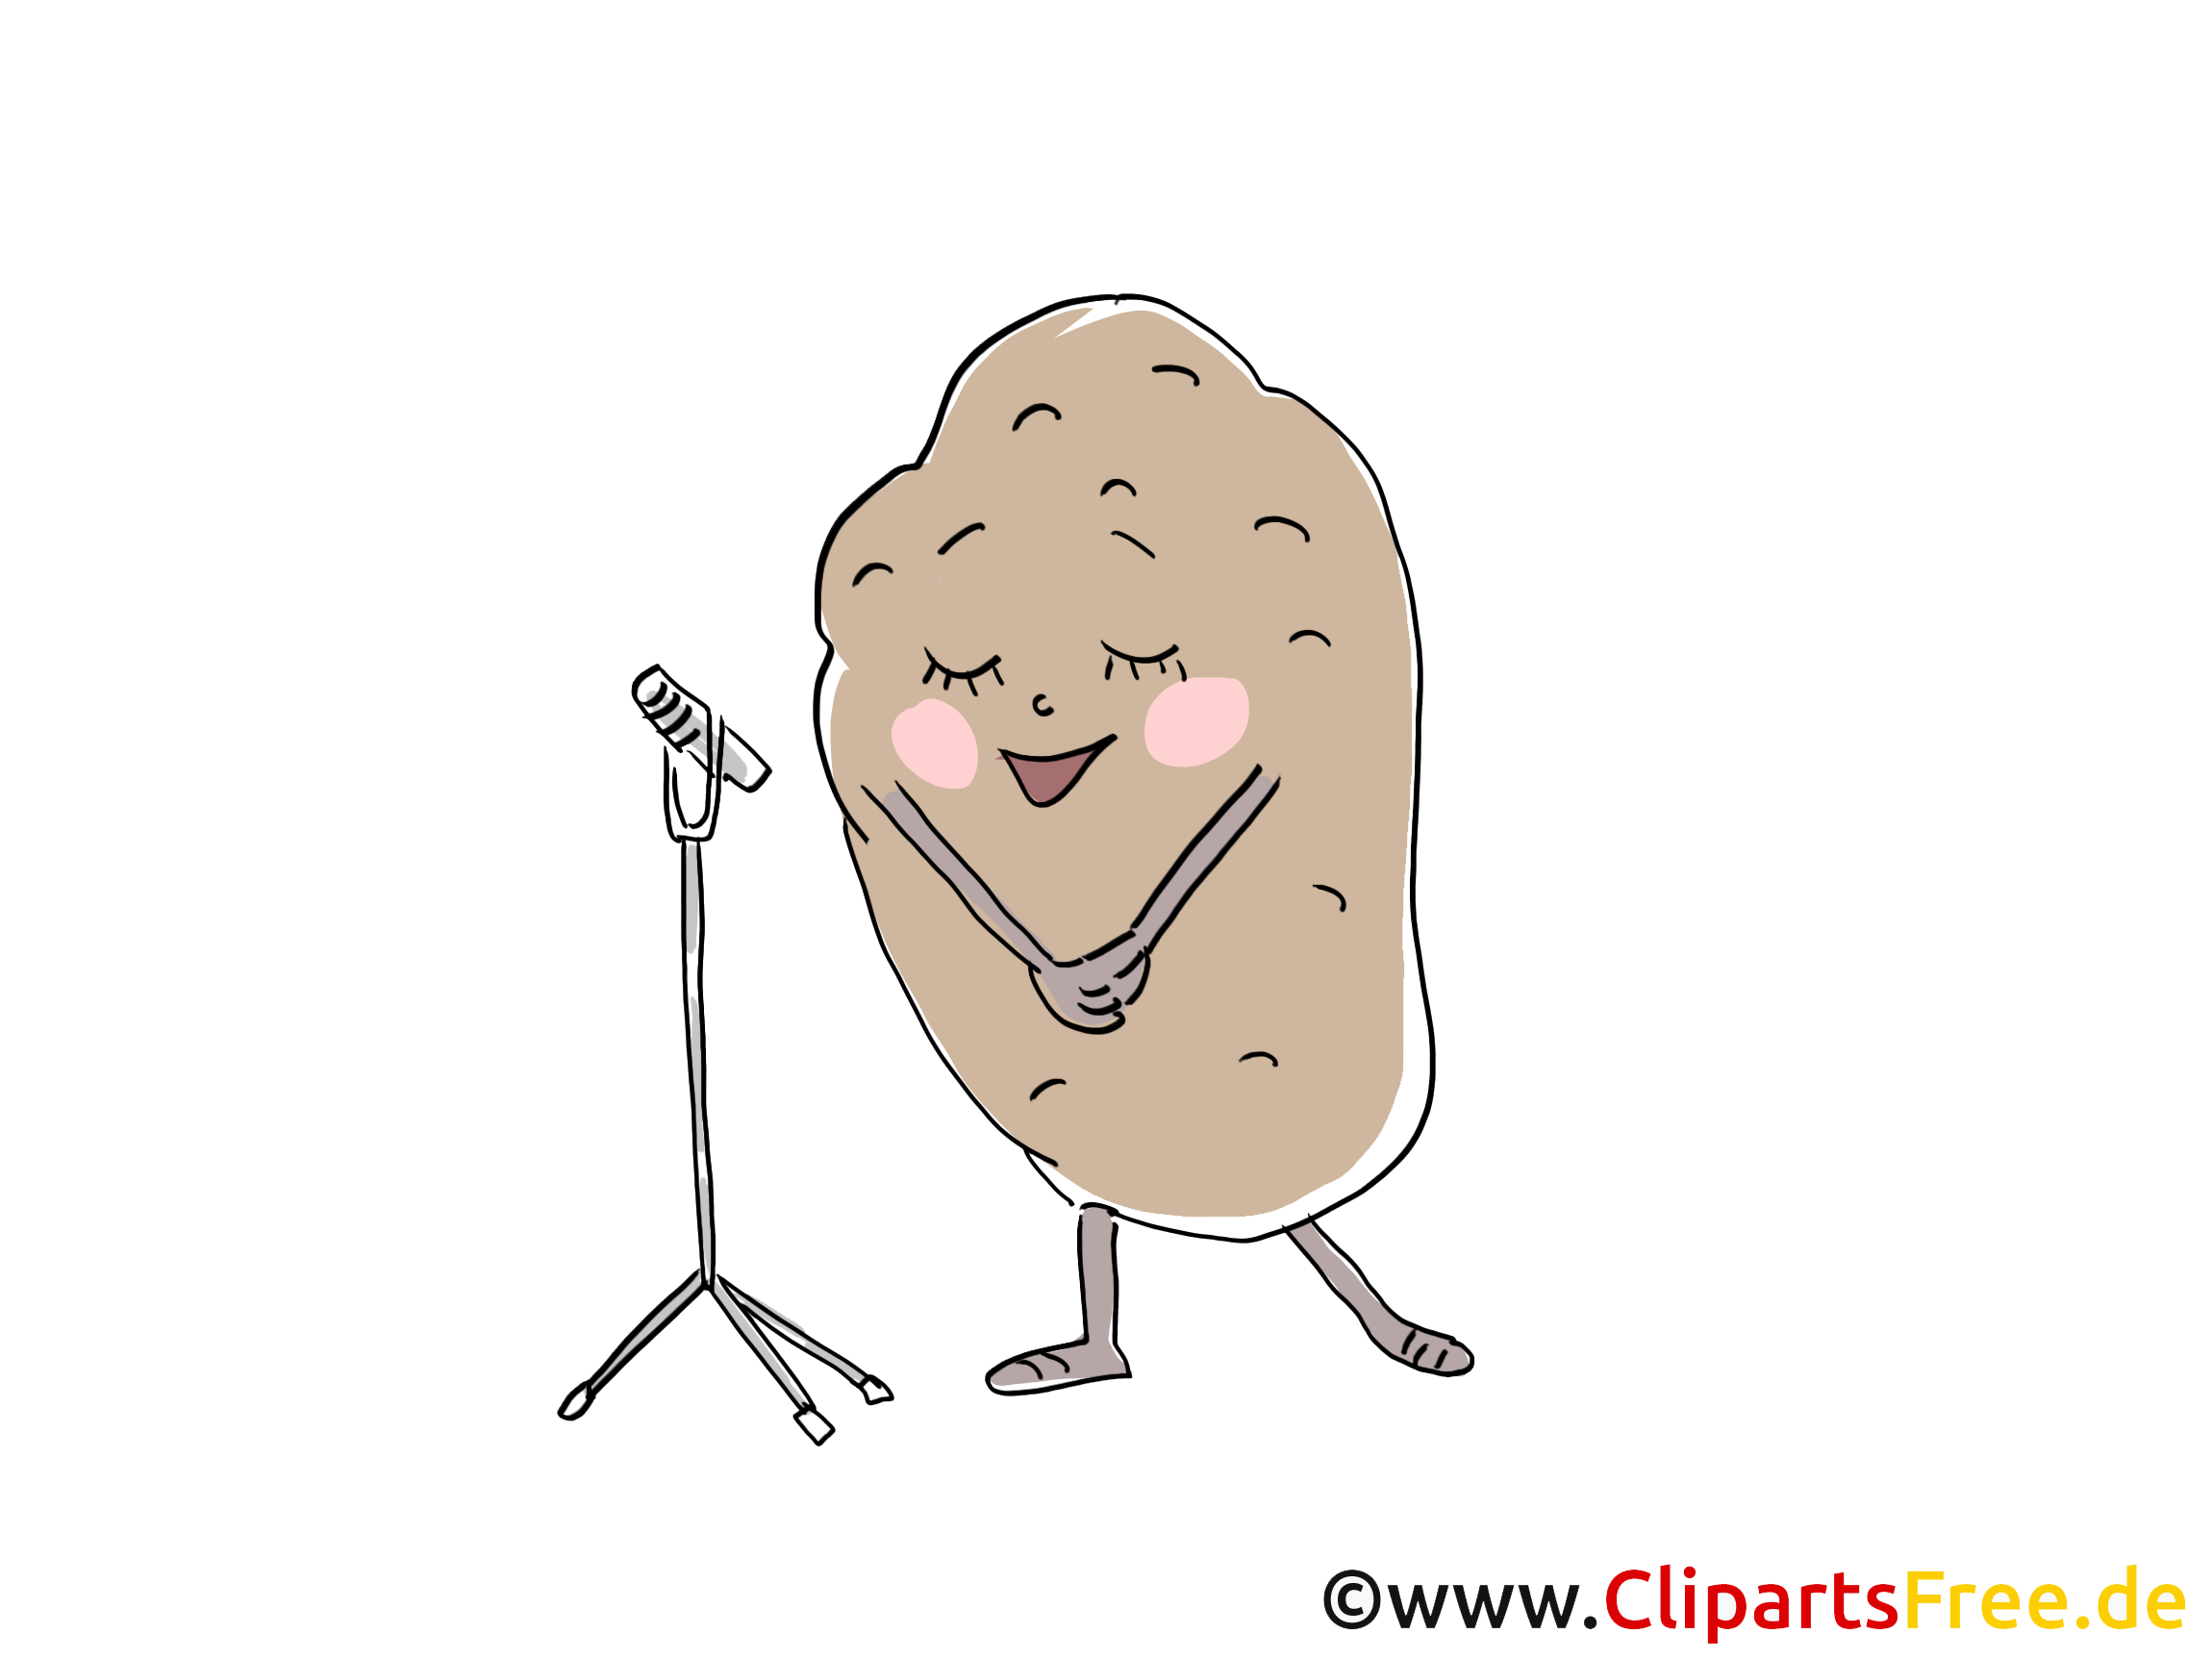 Kartoffel Clip Art, Illustration, Bild, Cartoon